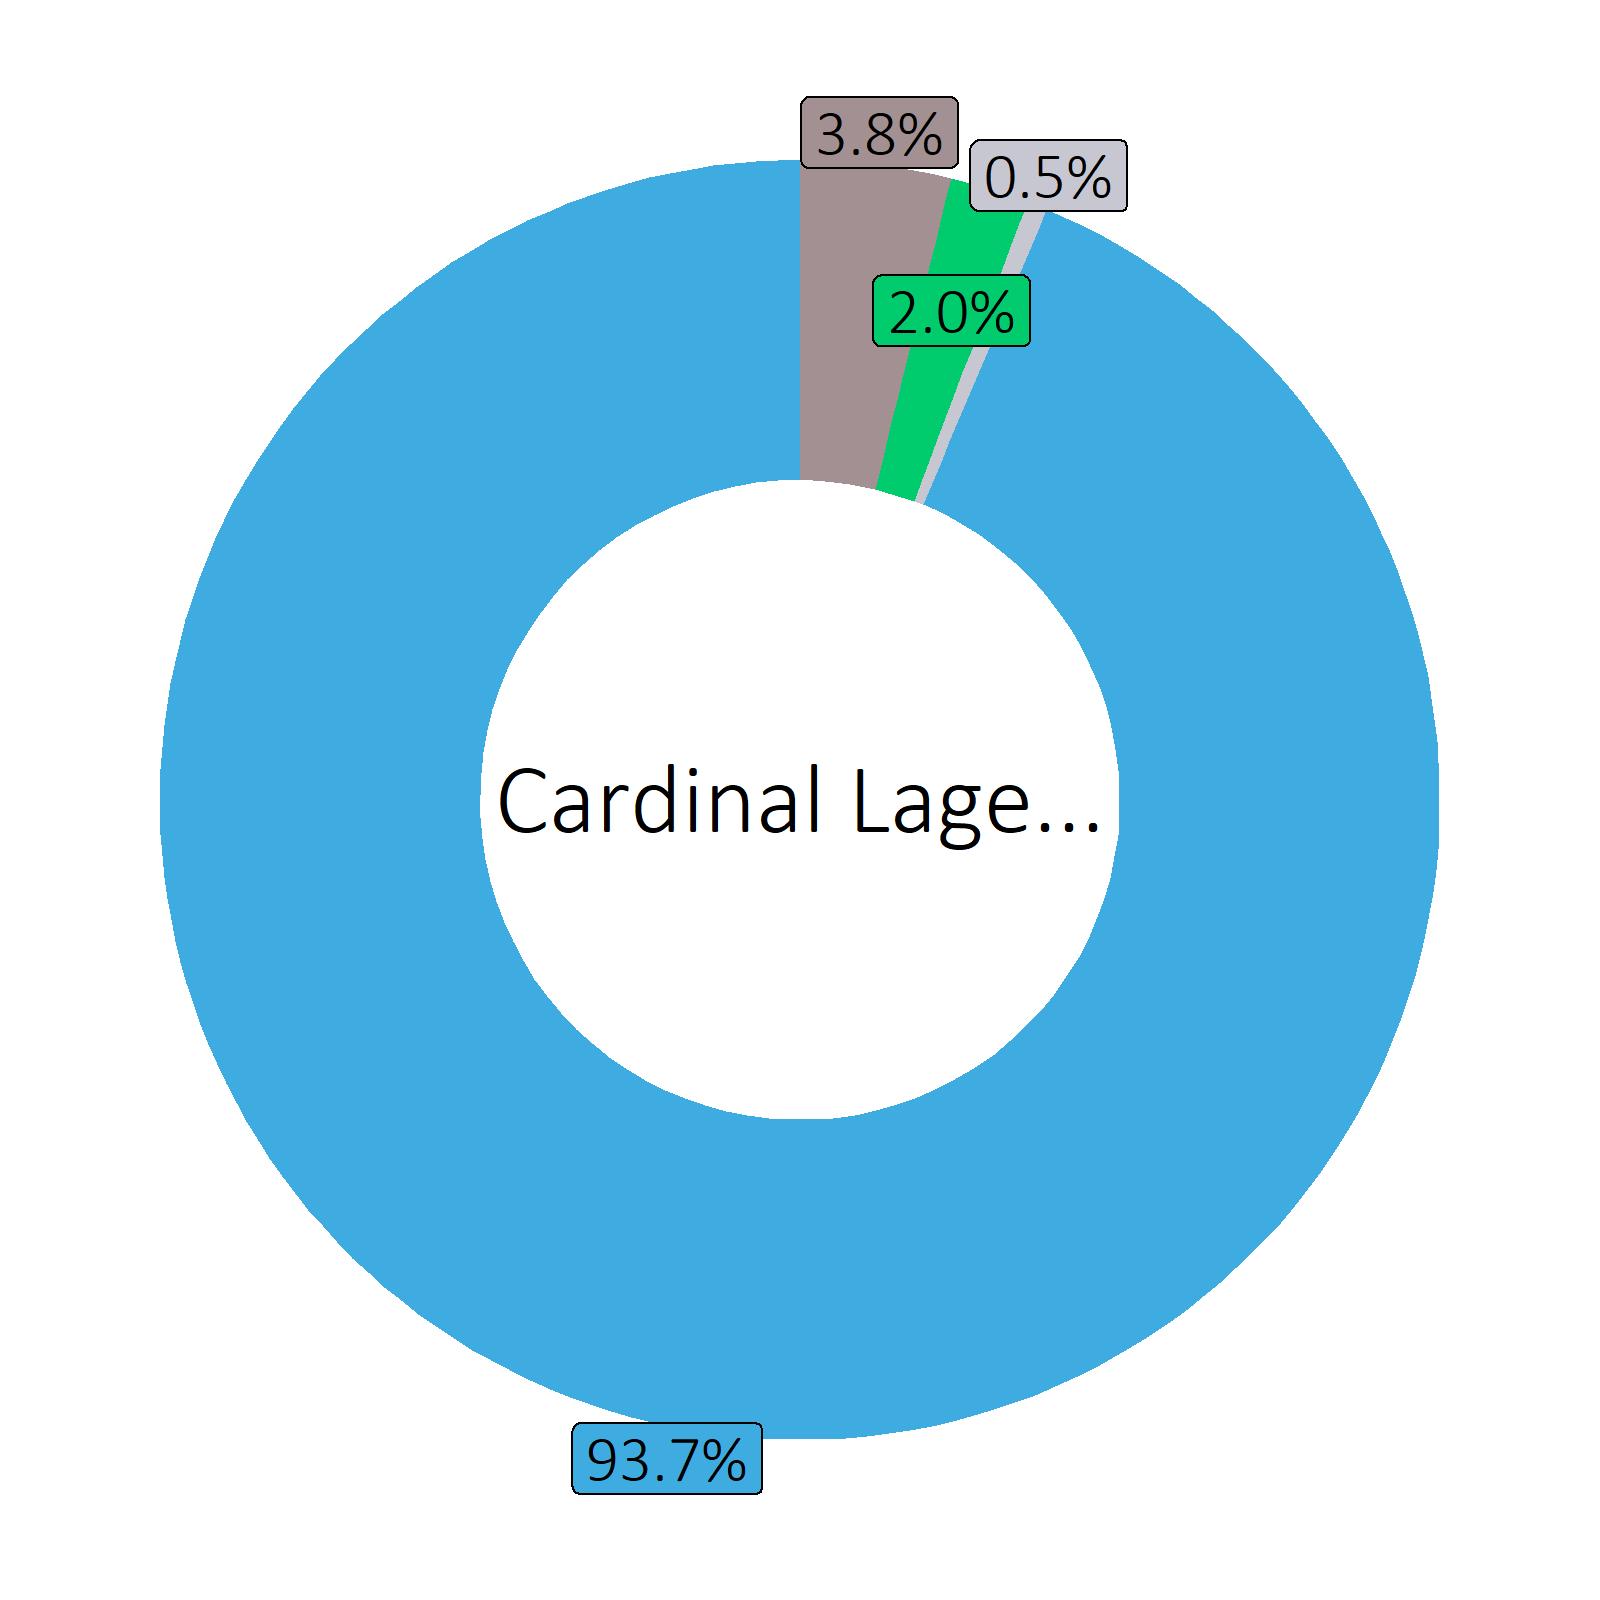 Bestandteile Cardinal Lager (4.8 vol%)